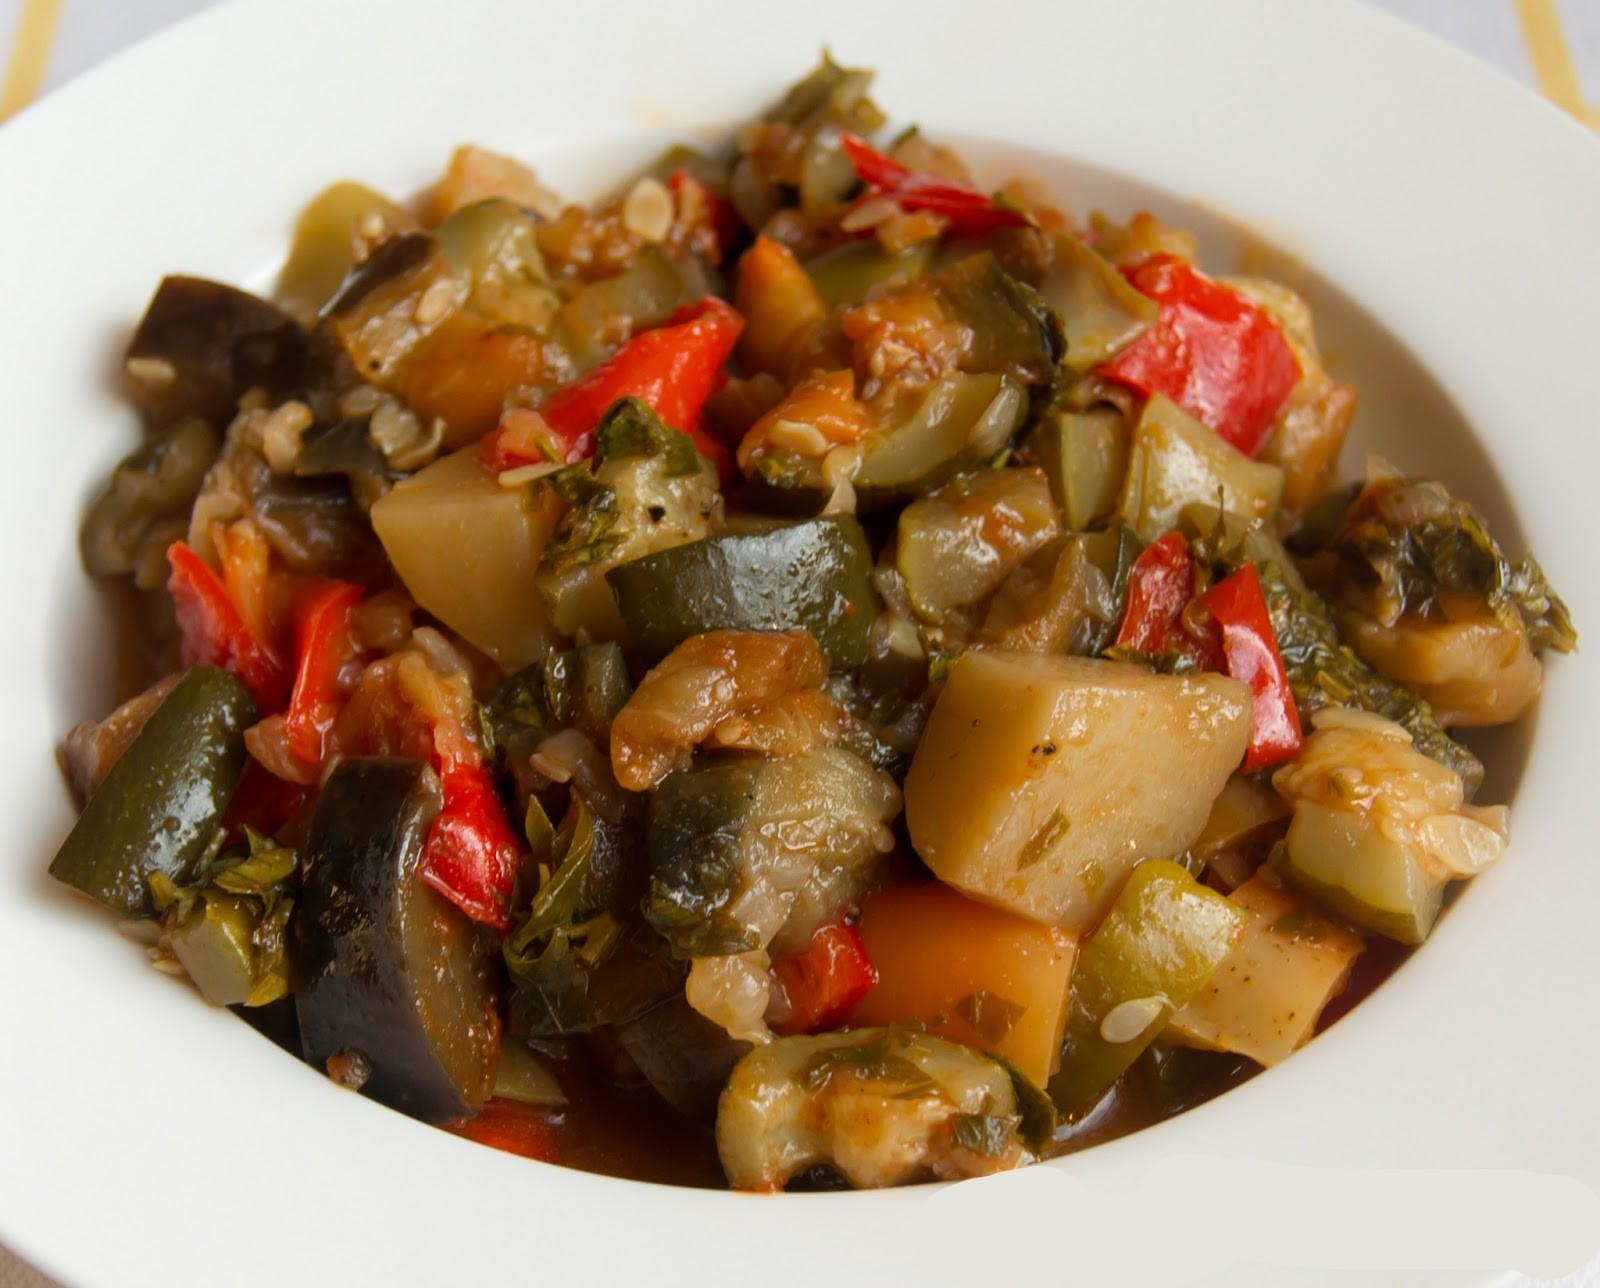 баклажаны с овощами в мультиварке рецепт с фото